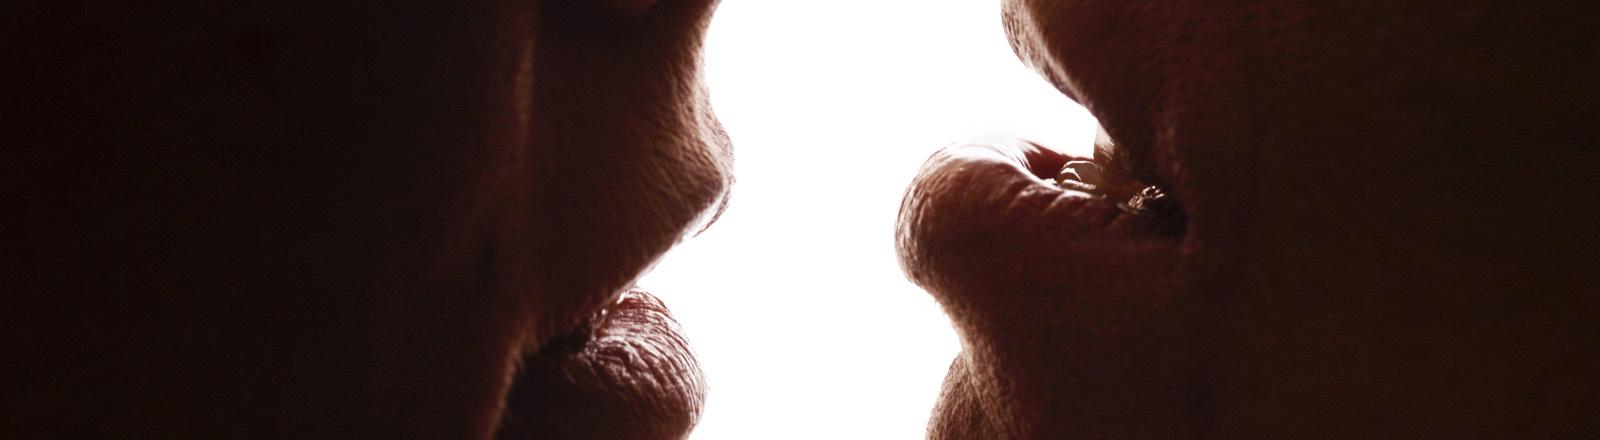 Ein Mann und eine Frau sind kurz davor sich zu küssen.